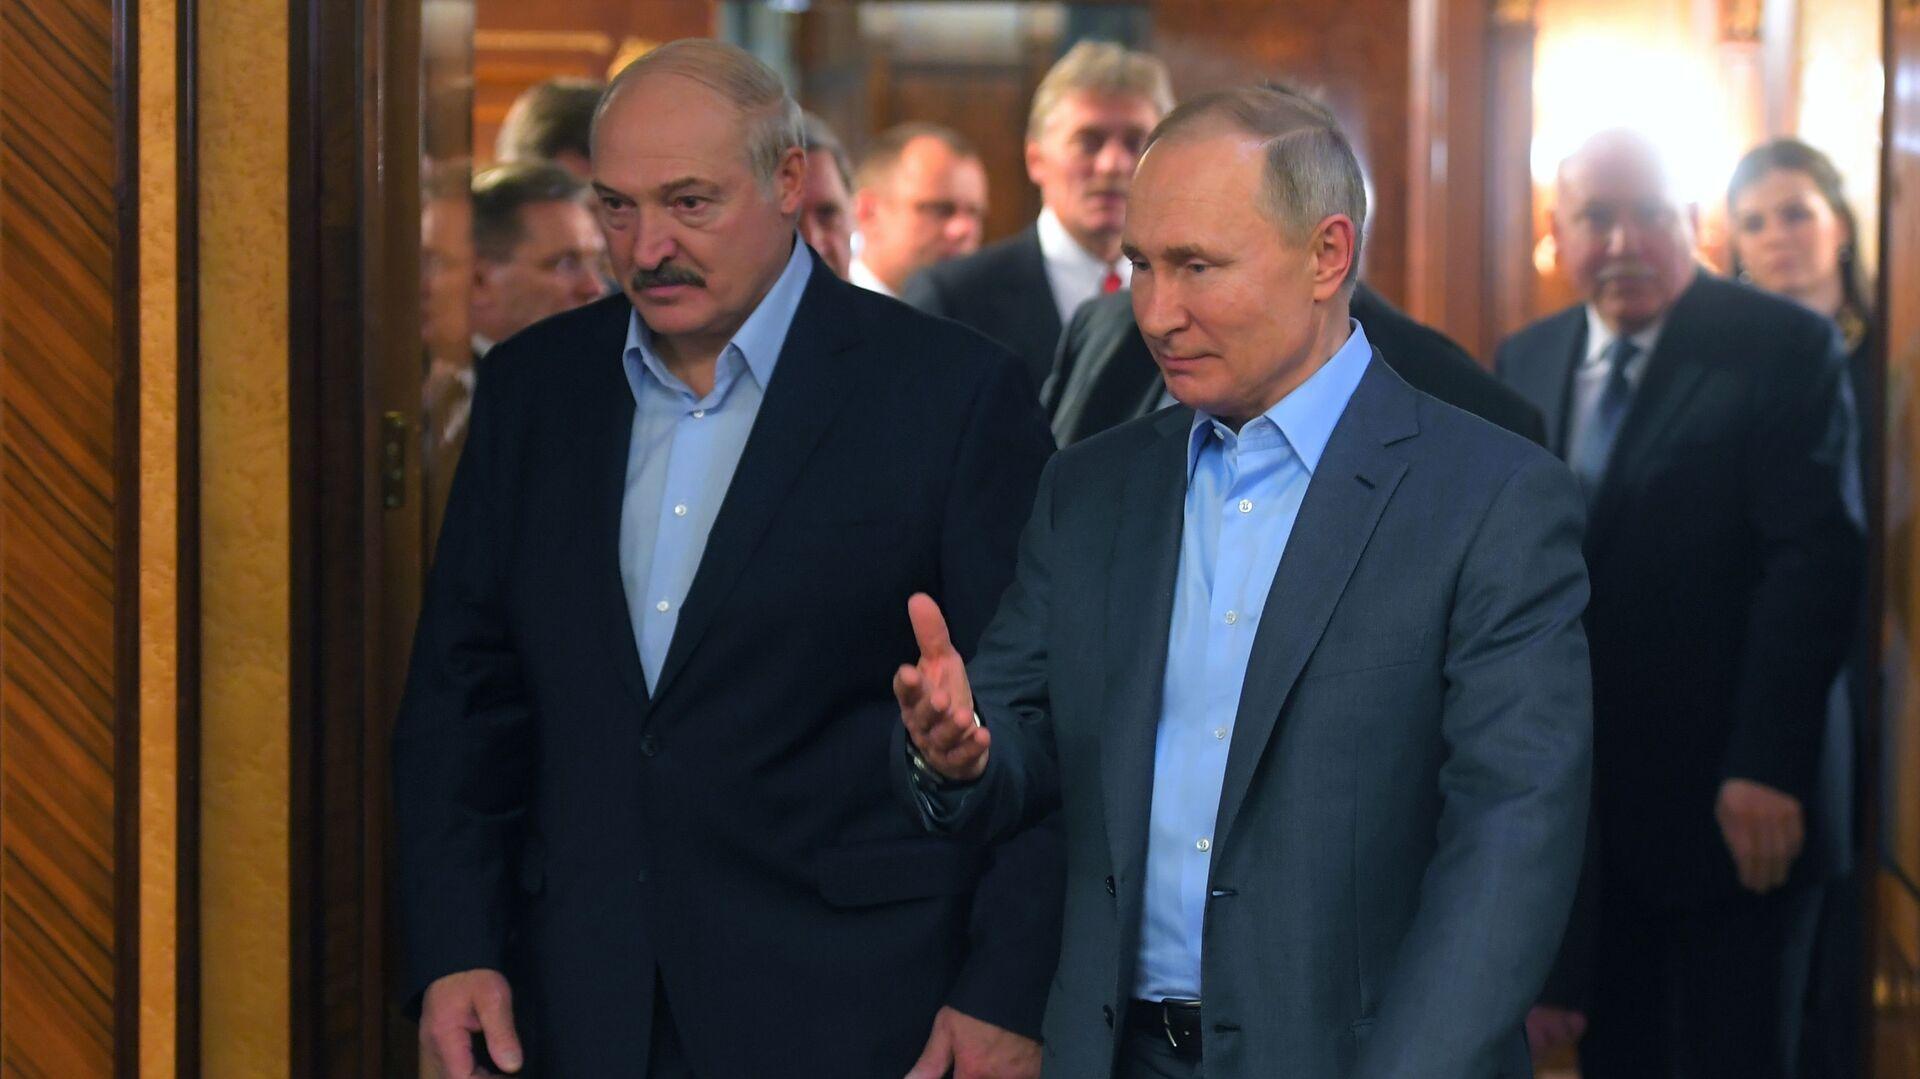 Ruský prezident Vladimir Putin a běloruský lídr Alexandr Lukašenko v Soči 7. února 2020 - Sputnik Česká republika, 1920, 29.05.2021